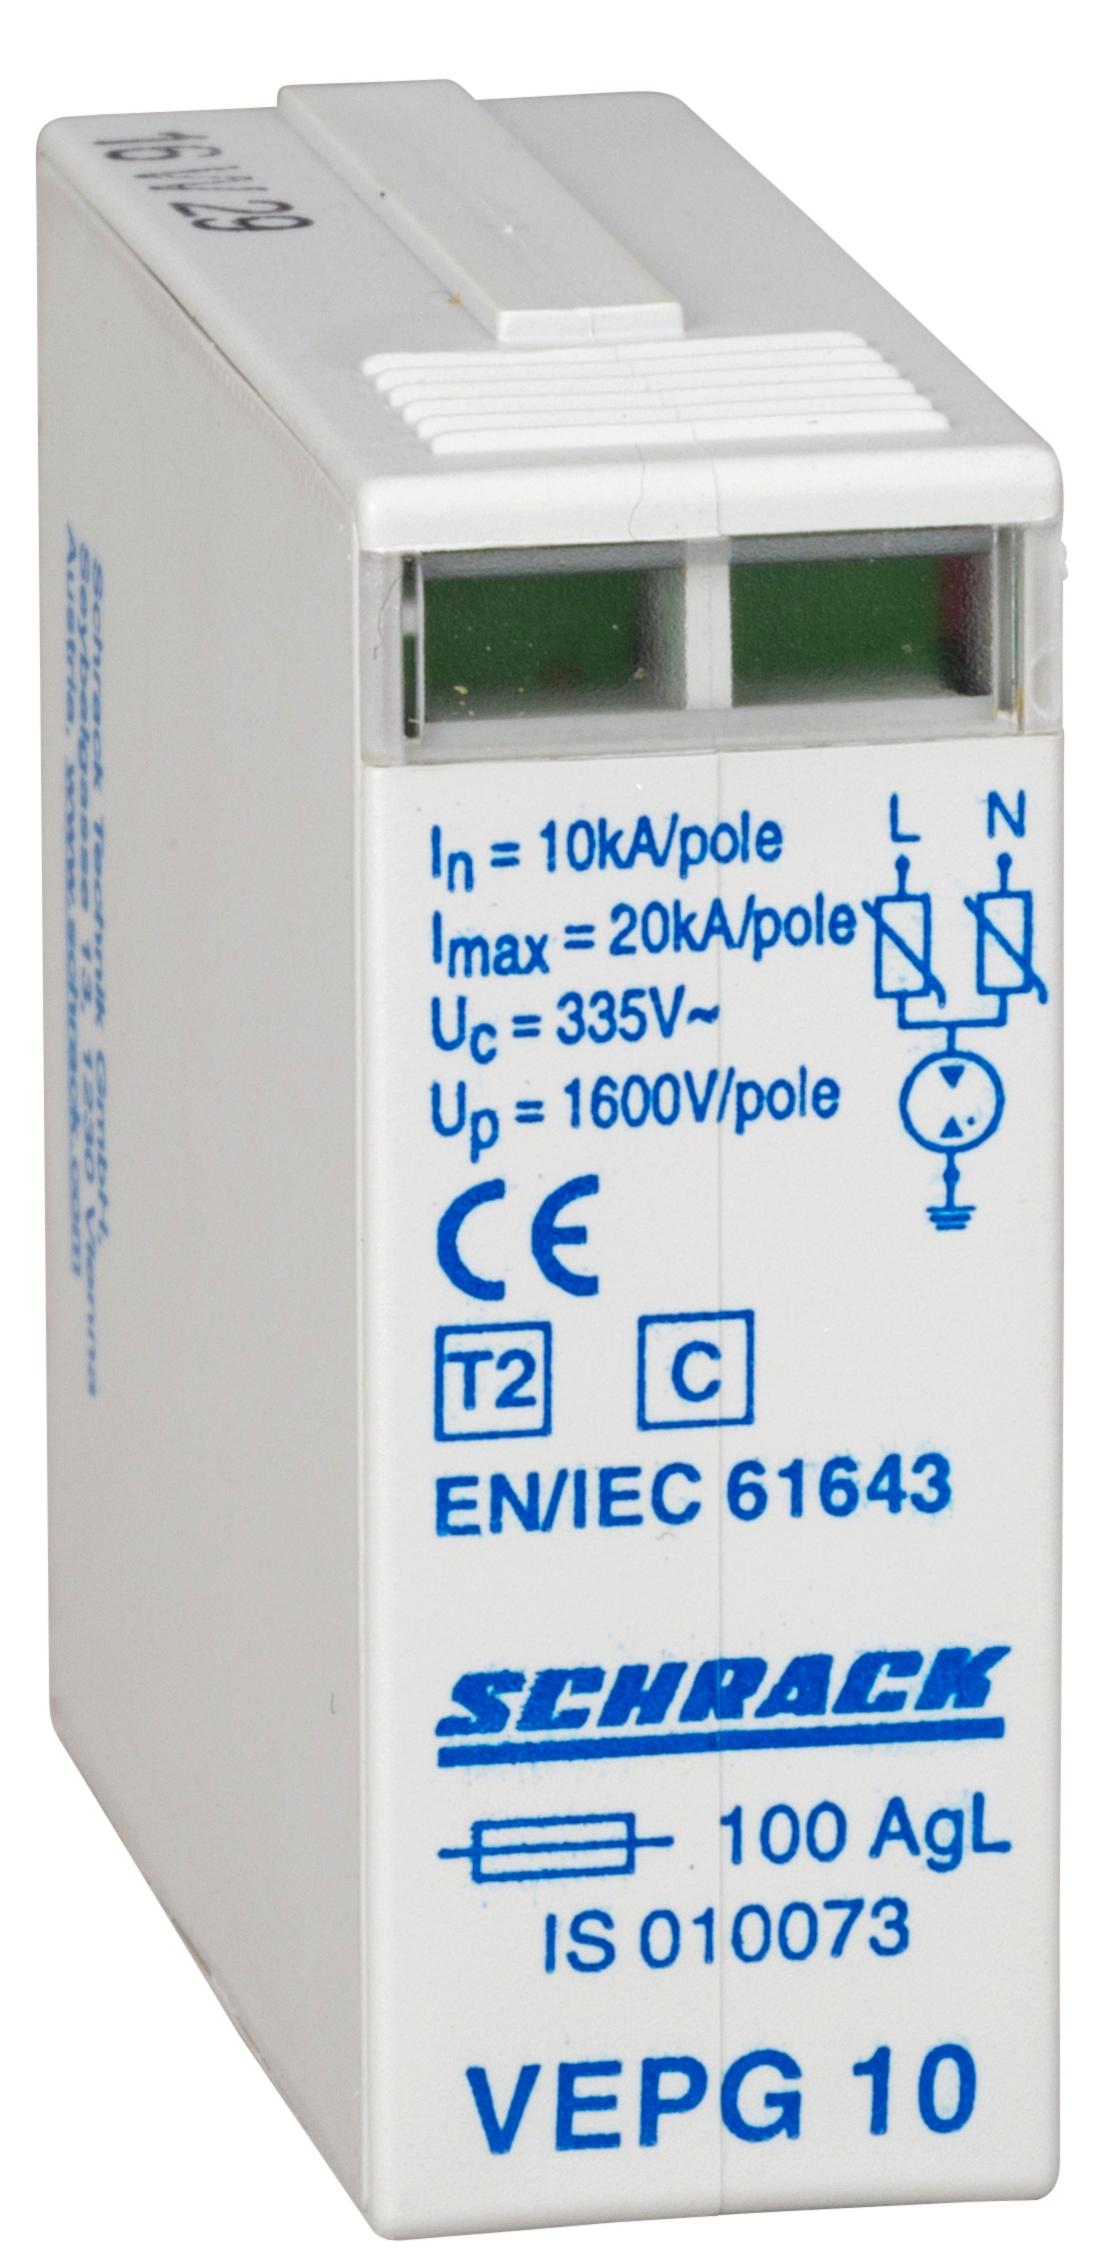 1 Stk C-Ableiter-Modul 1-phasig L+N 10kA 335V IS010073--